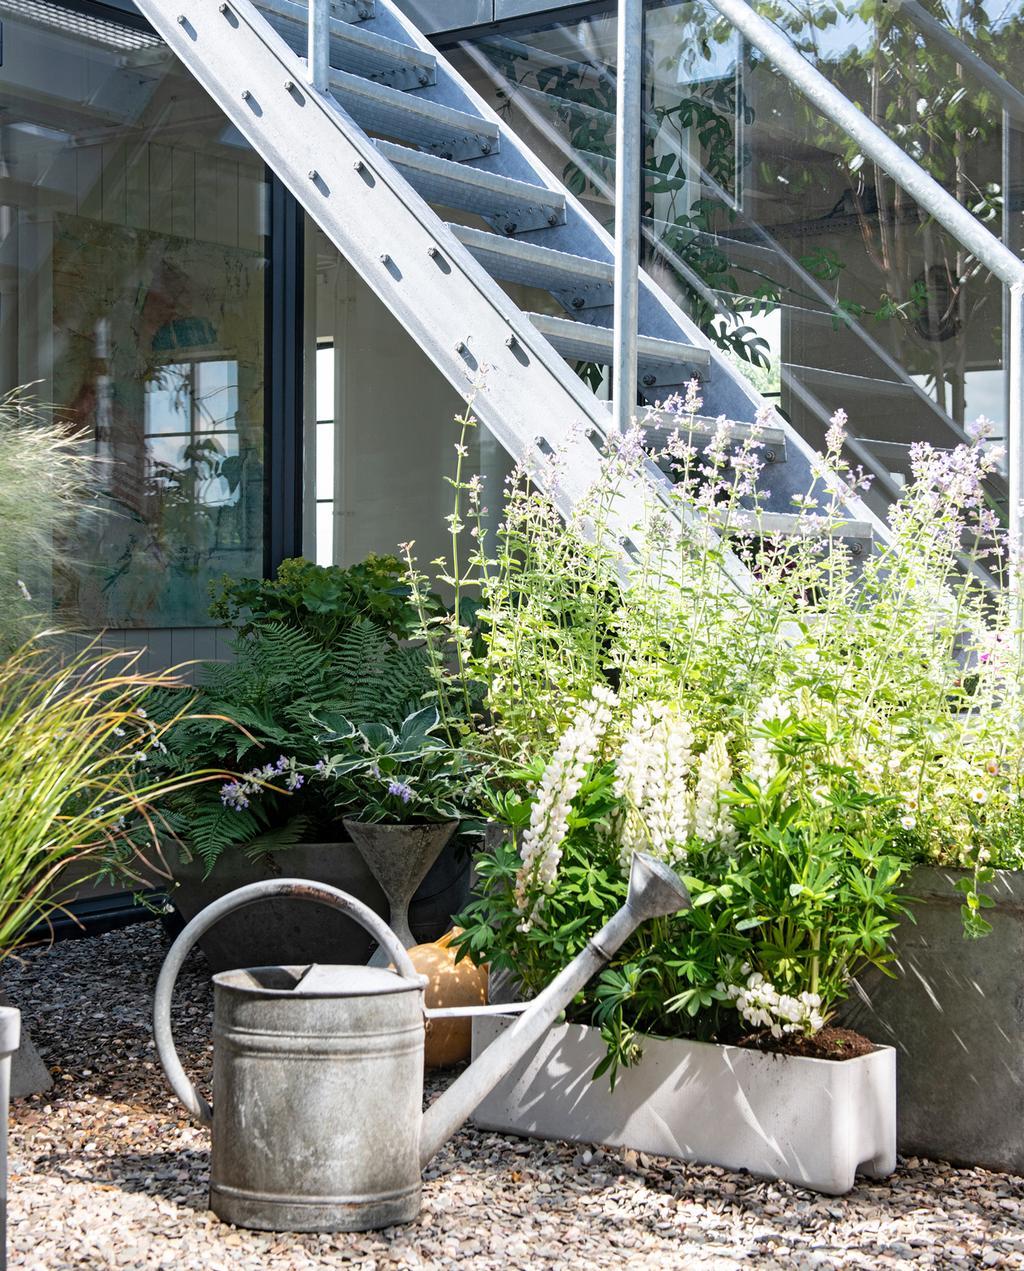 vtwonen binnenkijken special 2019 | binnentuin trap richting dakterras